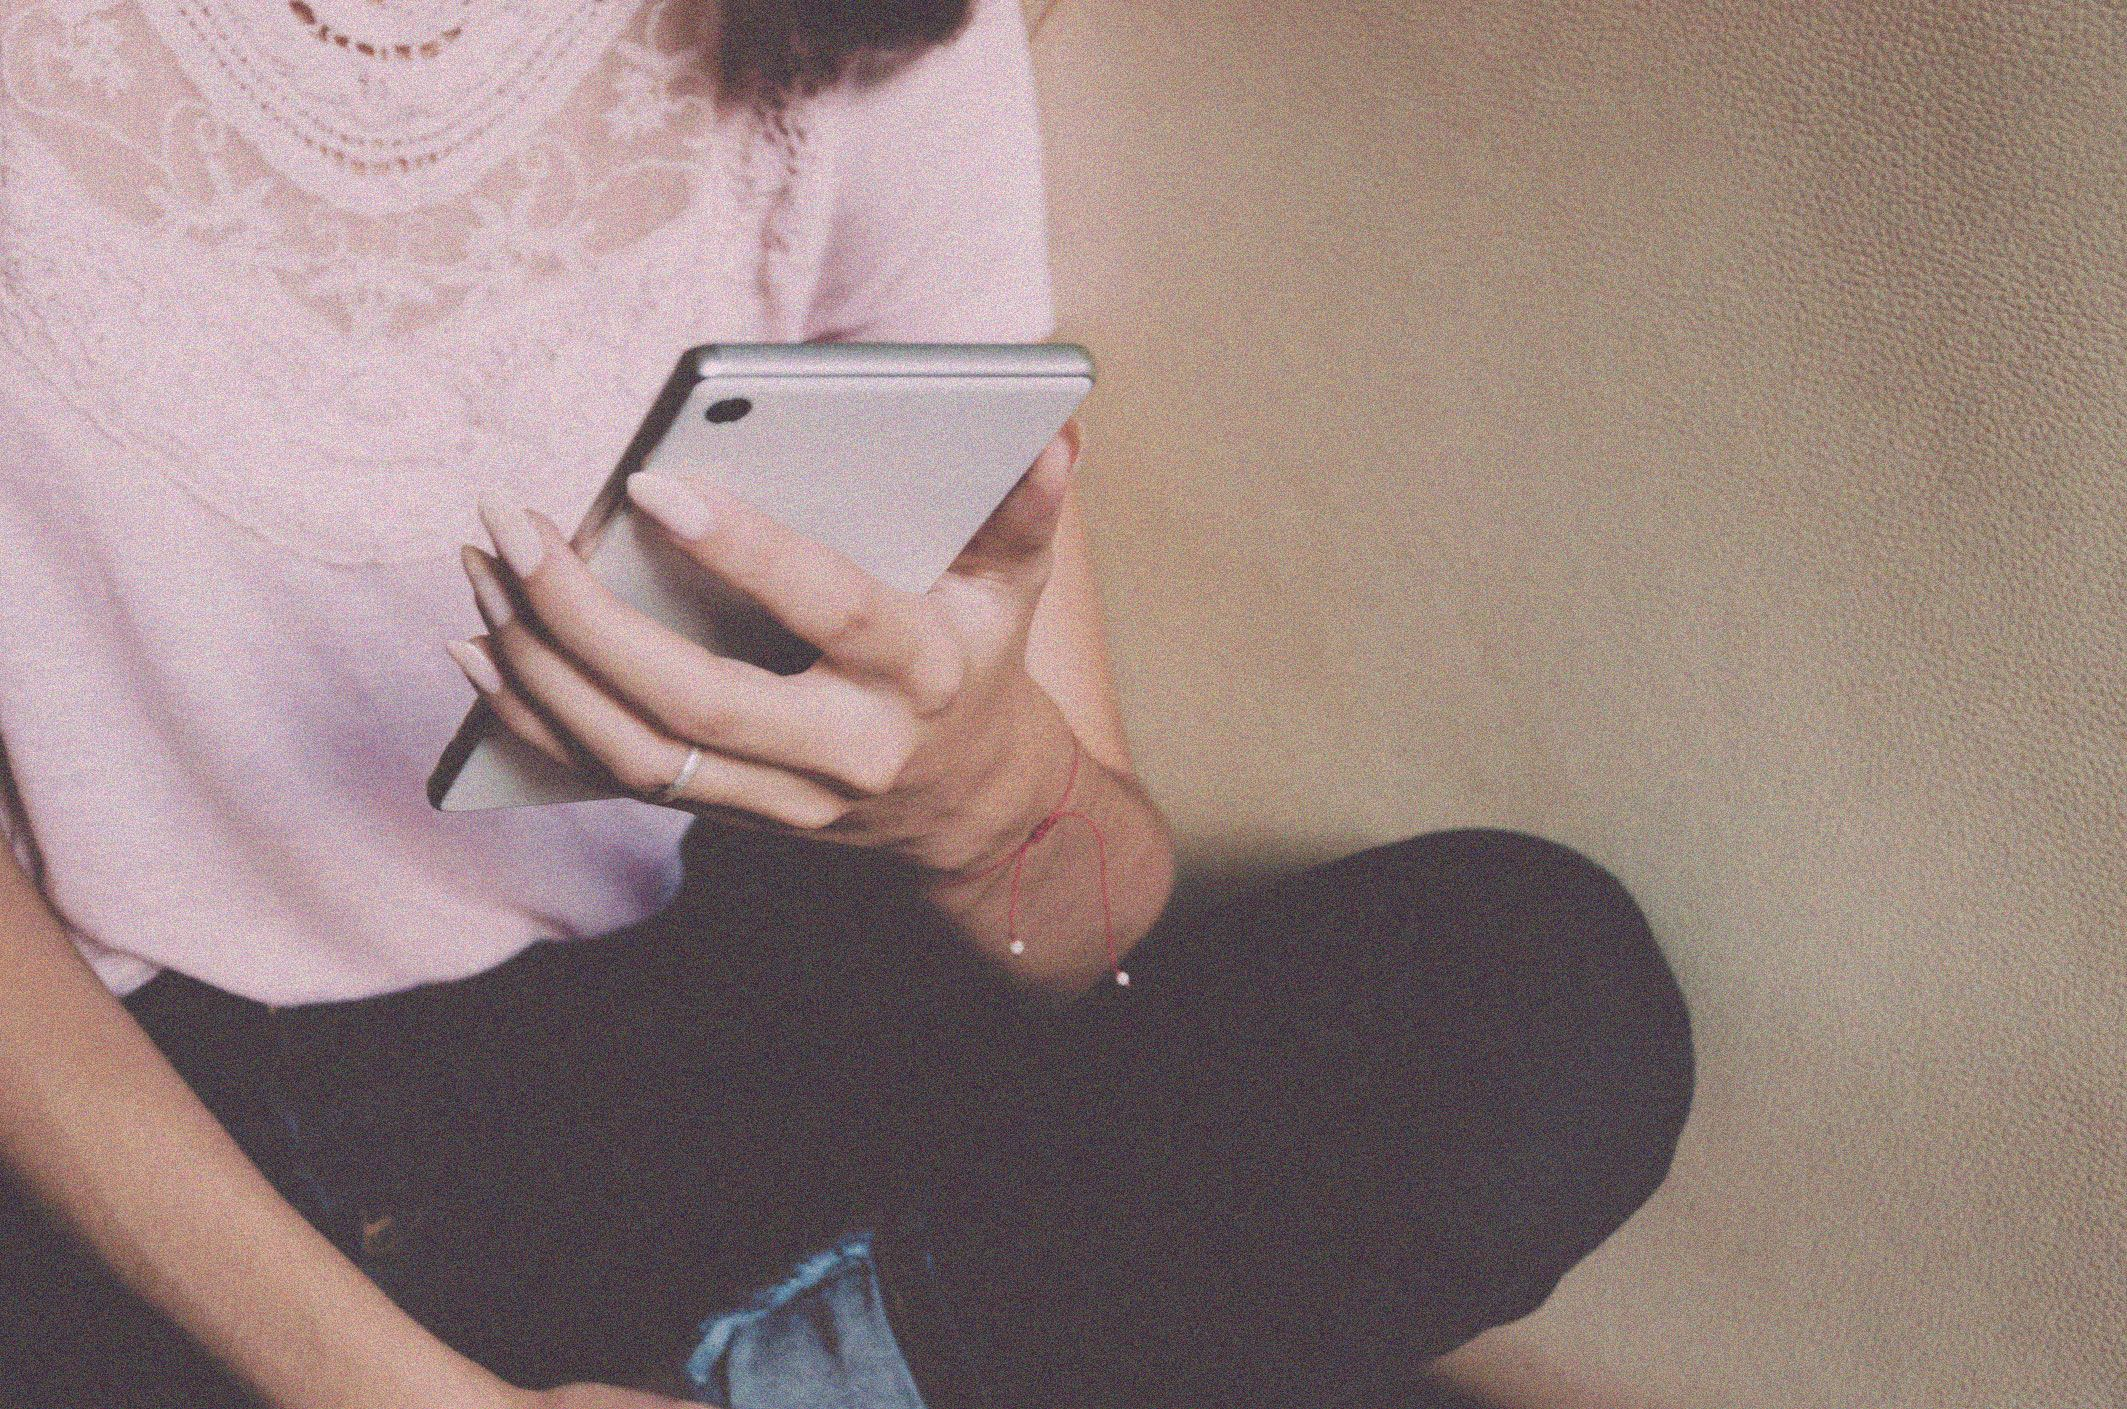 Le 20 domande da fare in una chat hot con il fidanzato per mettere un po' di pepe (anche a distanza)